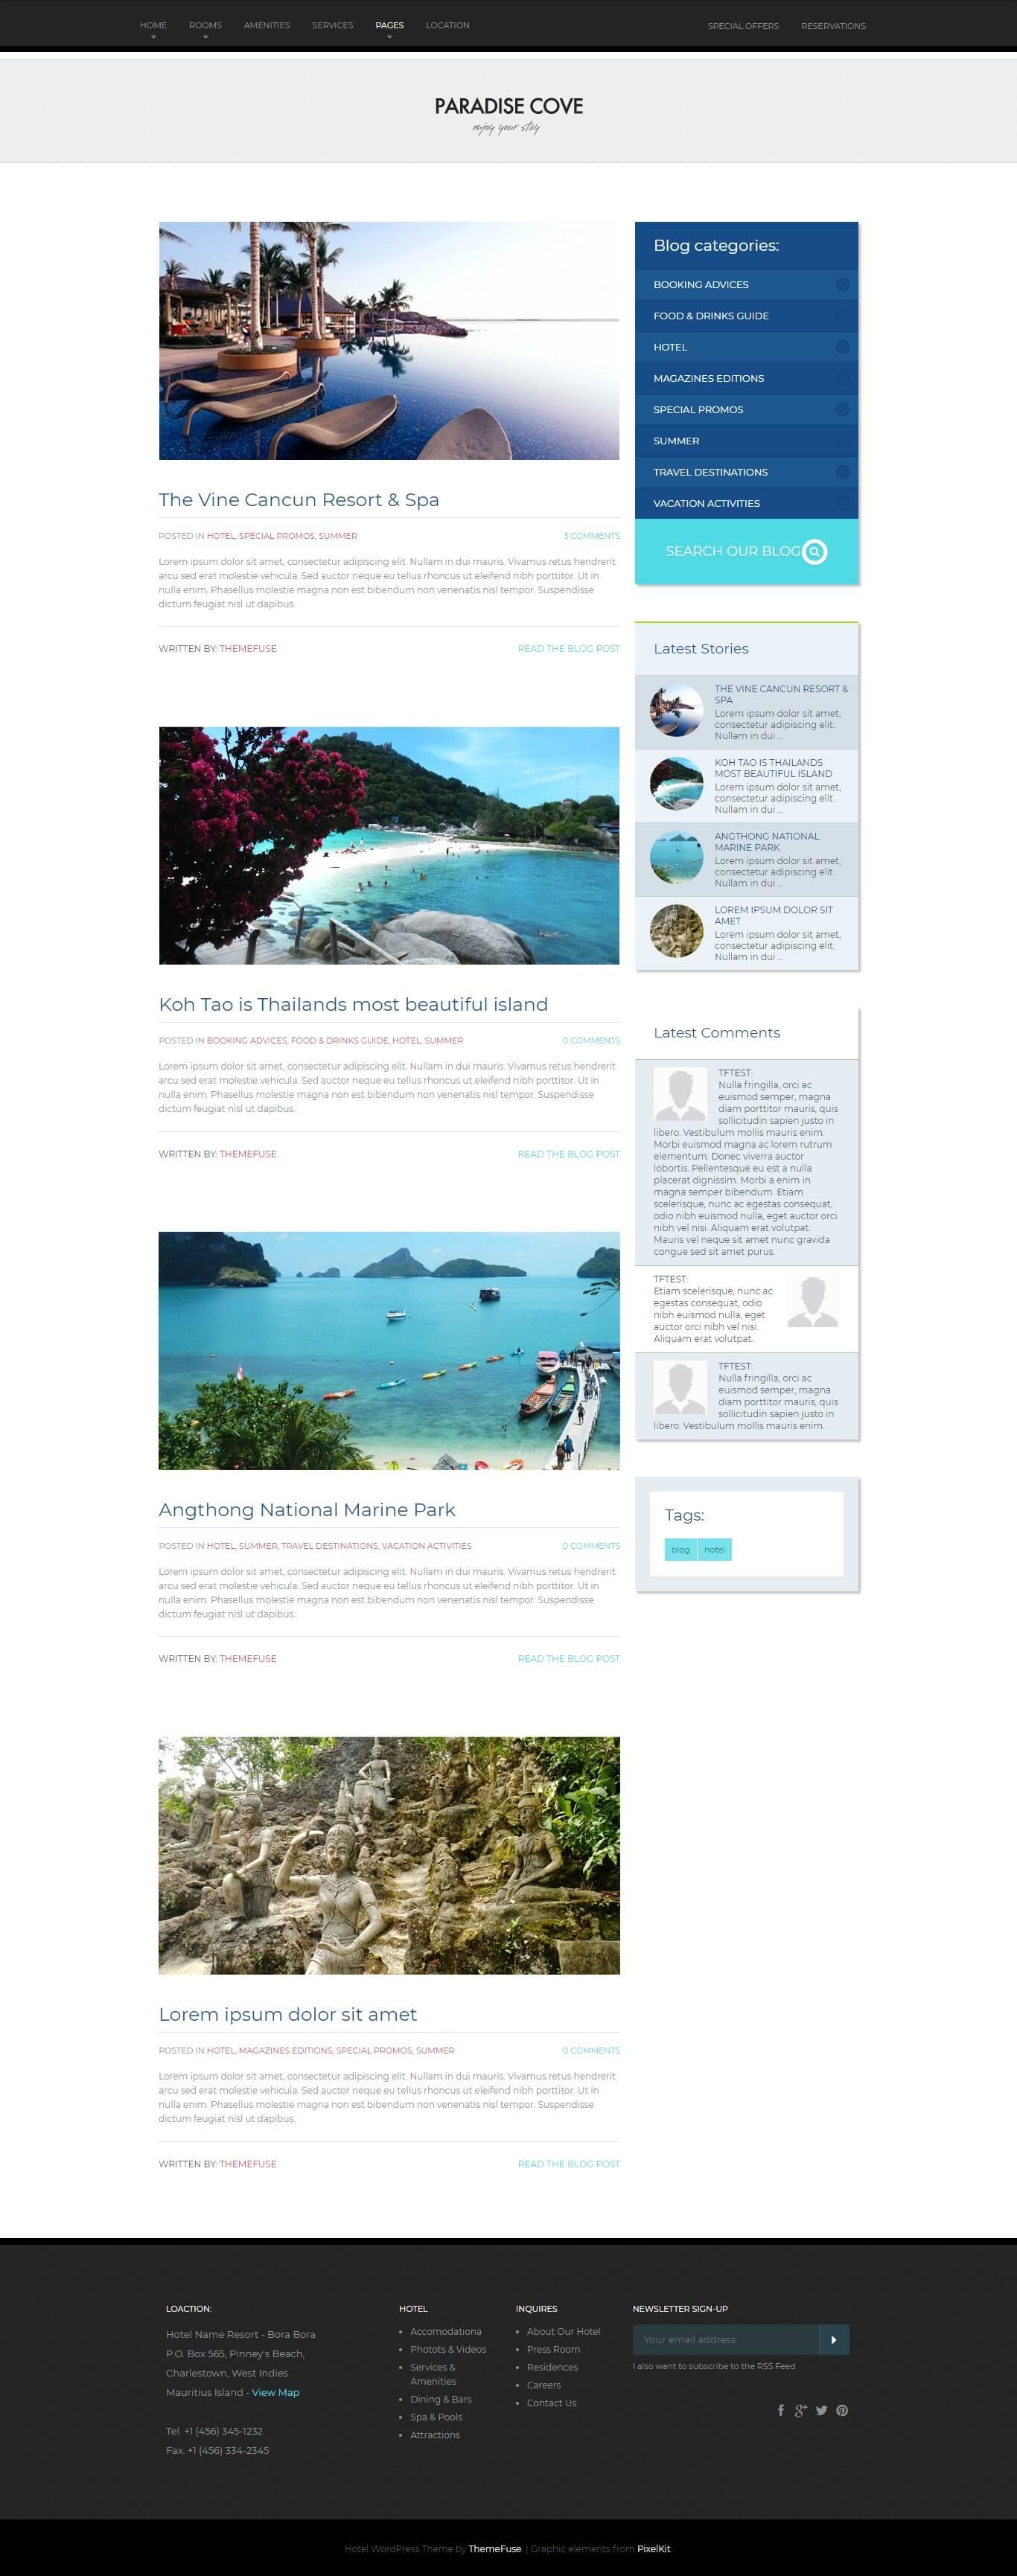 3 از 3  قالب پارادایس کوو | Paradise Cove